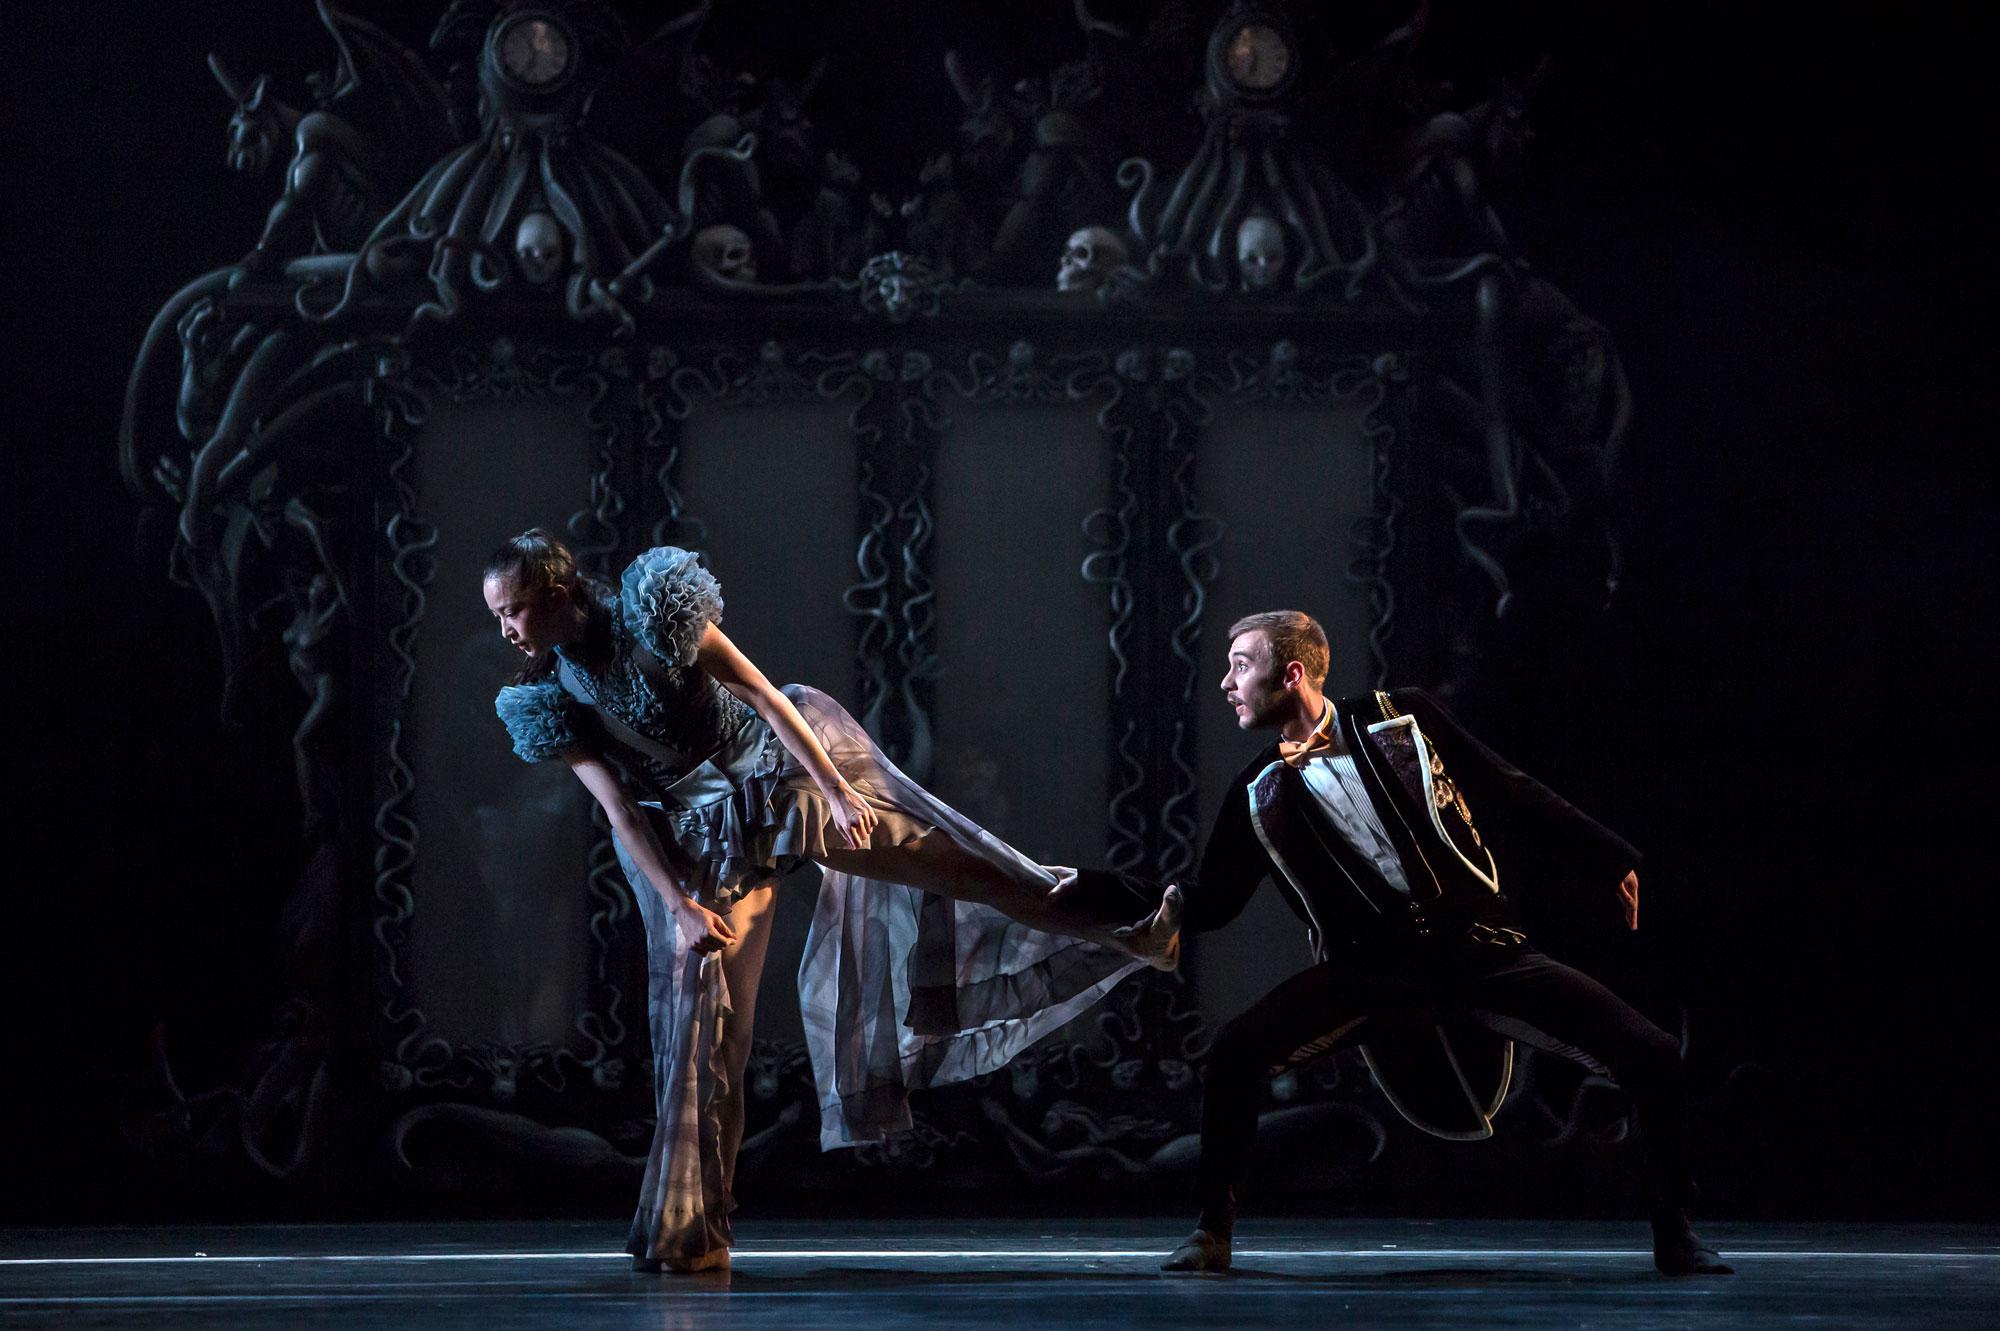 Ballet du Grand Théâtre de Genève, Casse-Noisette de Piotr Illitch Tchaïkovski, novembre 2014. Chorégraphie : Jeroen Verbruggen.  Sara Shigenari (Marie) et Geoffrey Van Dyck (Drosselmeier)